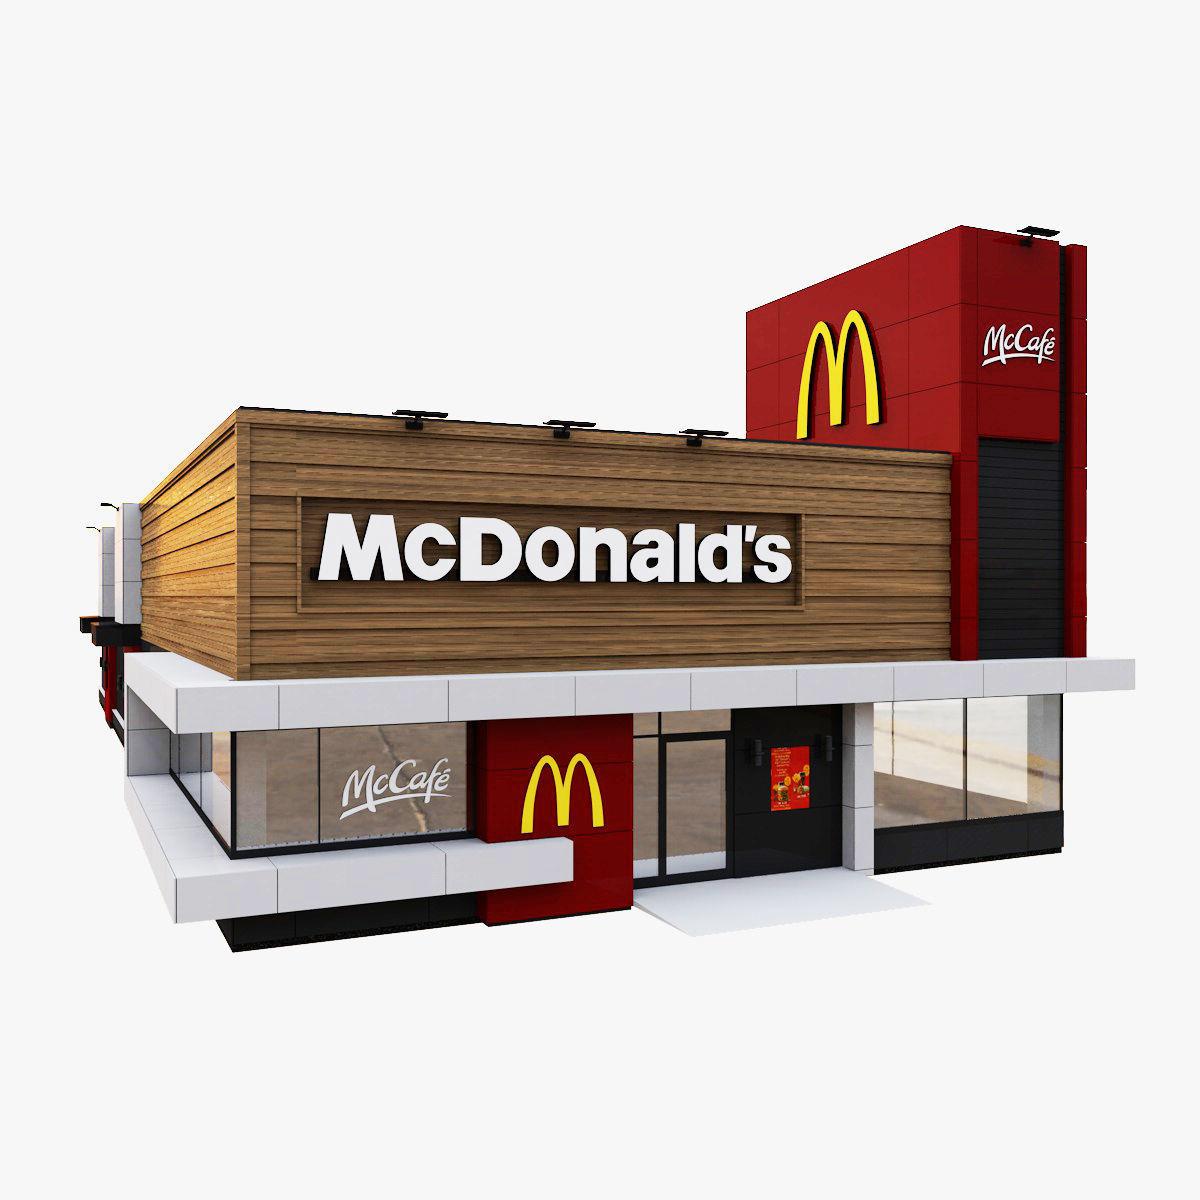 European McDonalds McCafe Restaurant